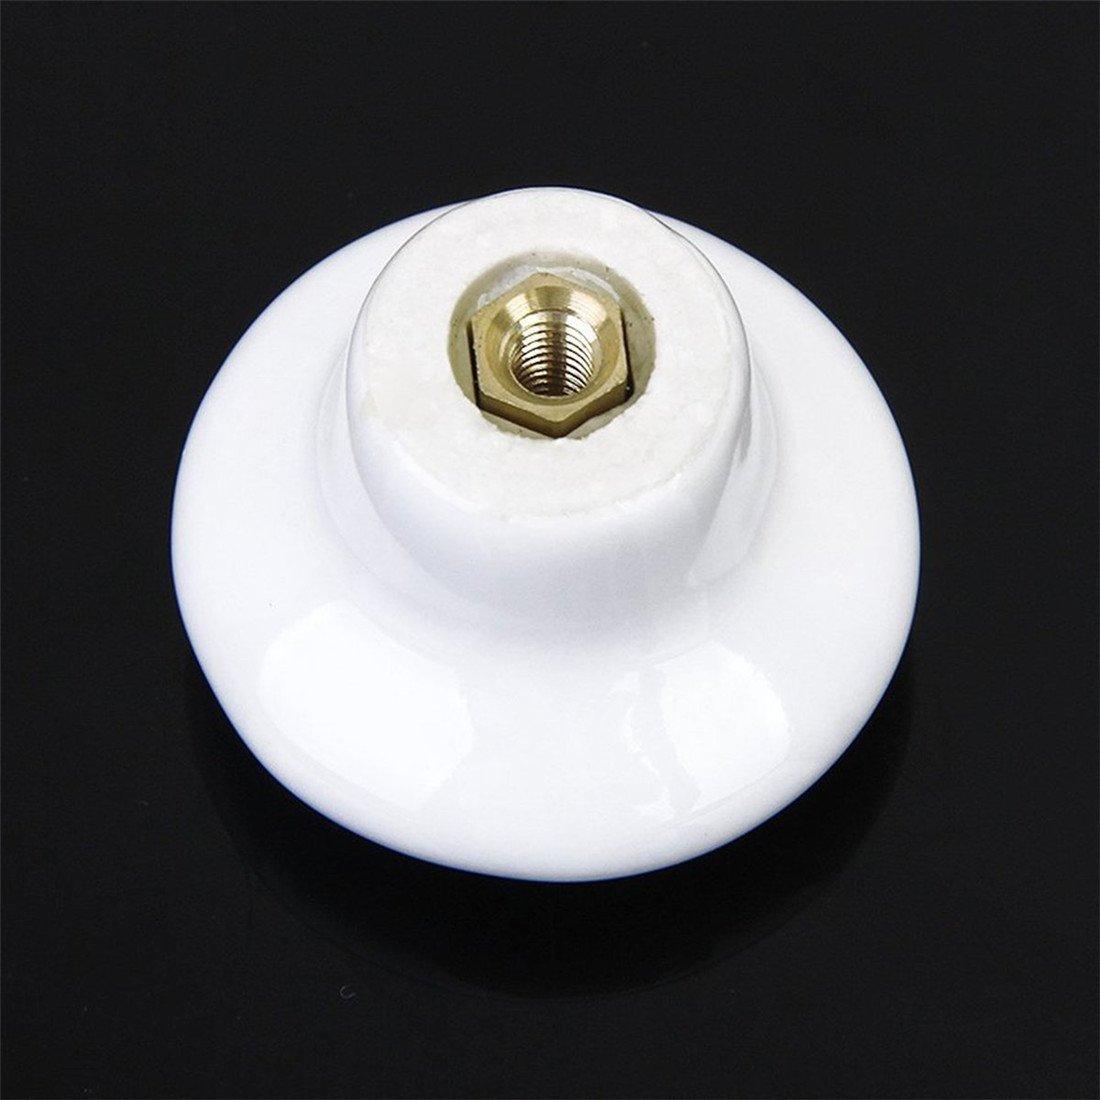 12 pcs Bianco Rotonda Maniglia Armadio Da Cucina Cassetto Mobili Gabinetto Manopole Marca Creatwls Pomello Di Ceramica Per Porte Cassetti Ante Armadio Mobili